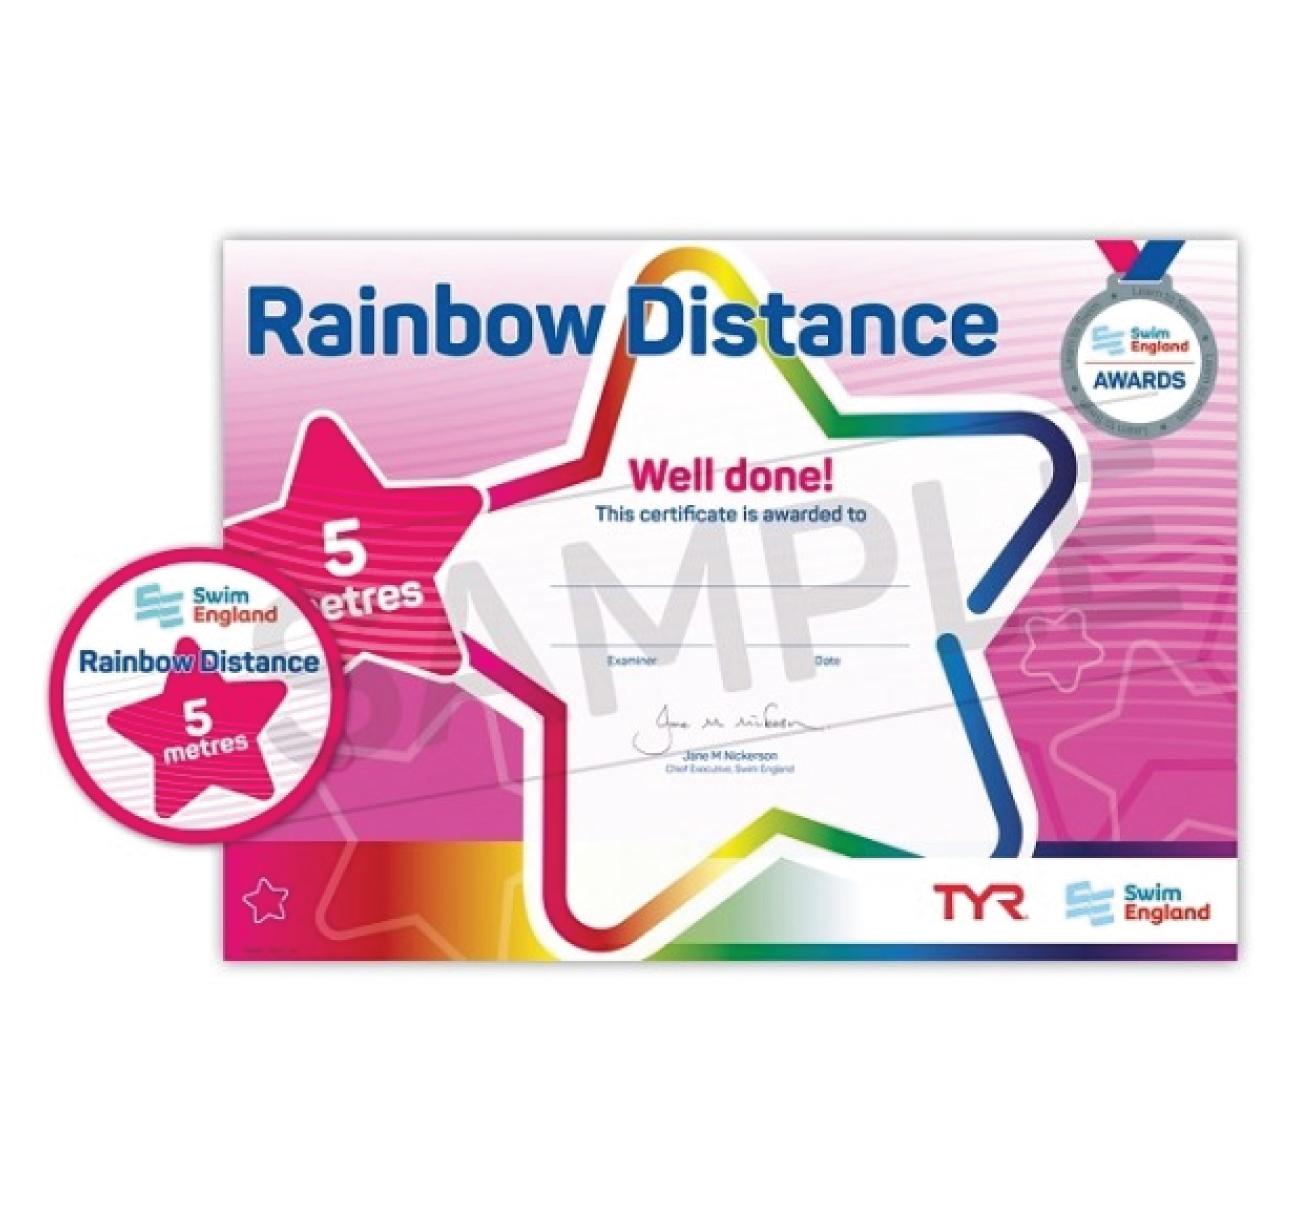 Rainbow Distance Awards